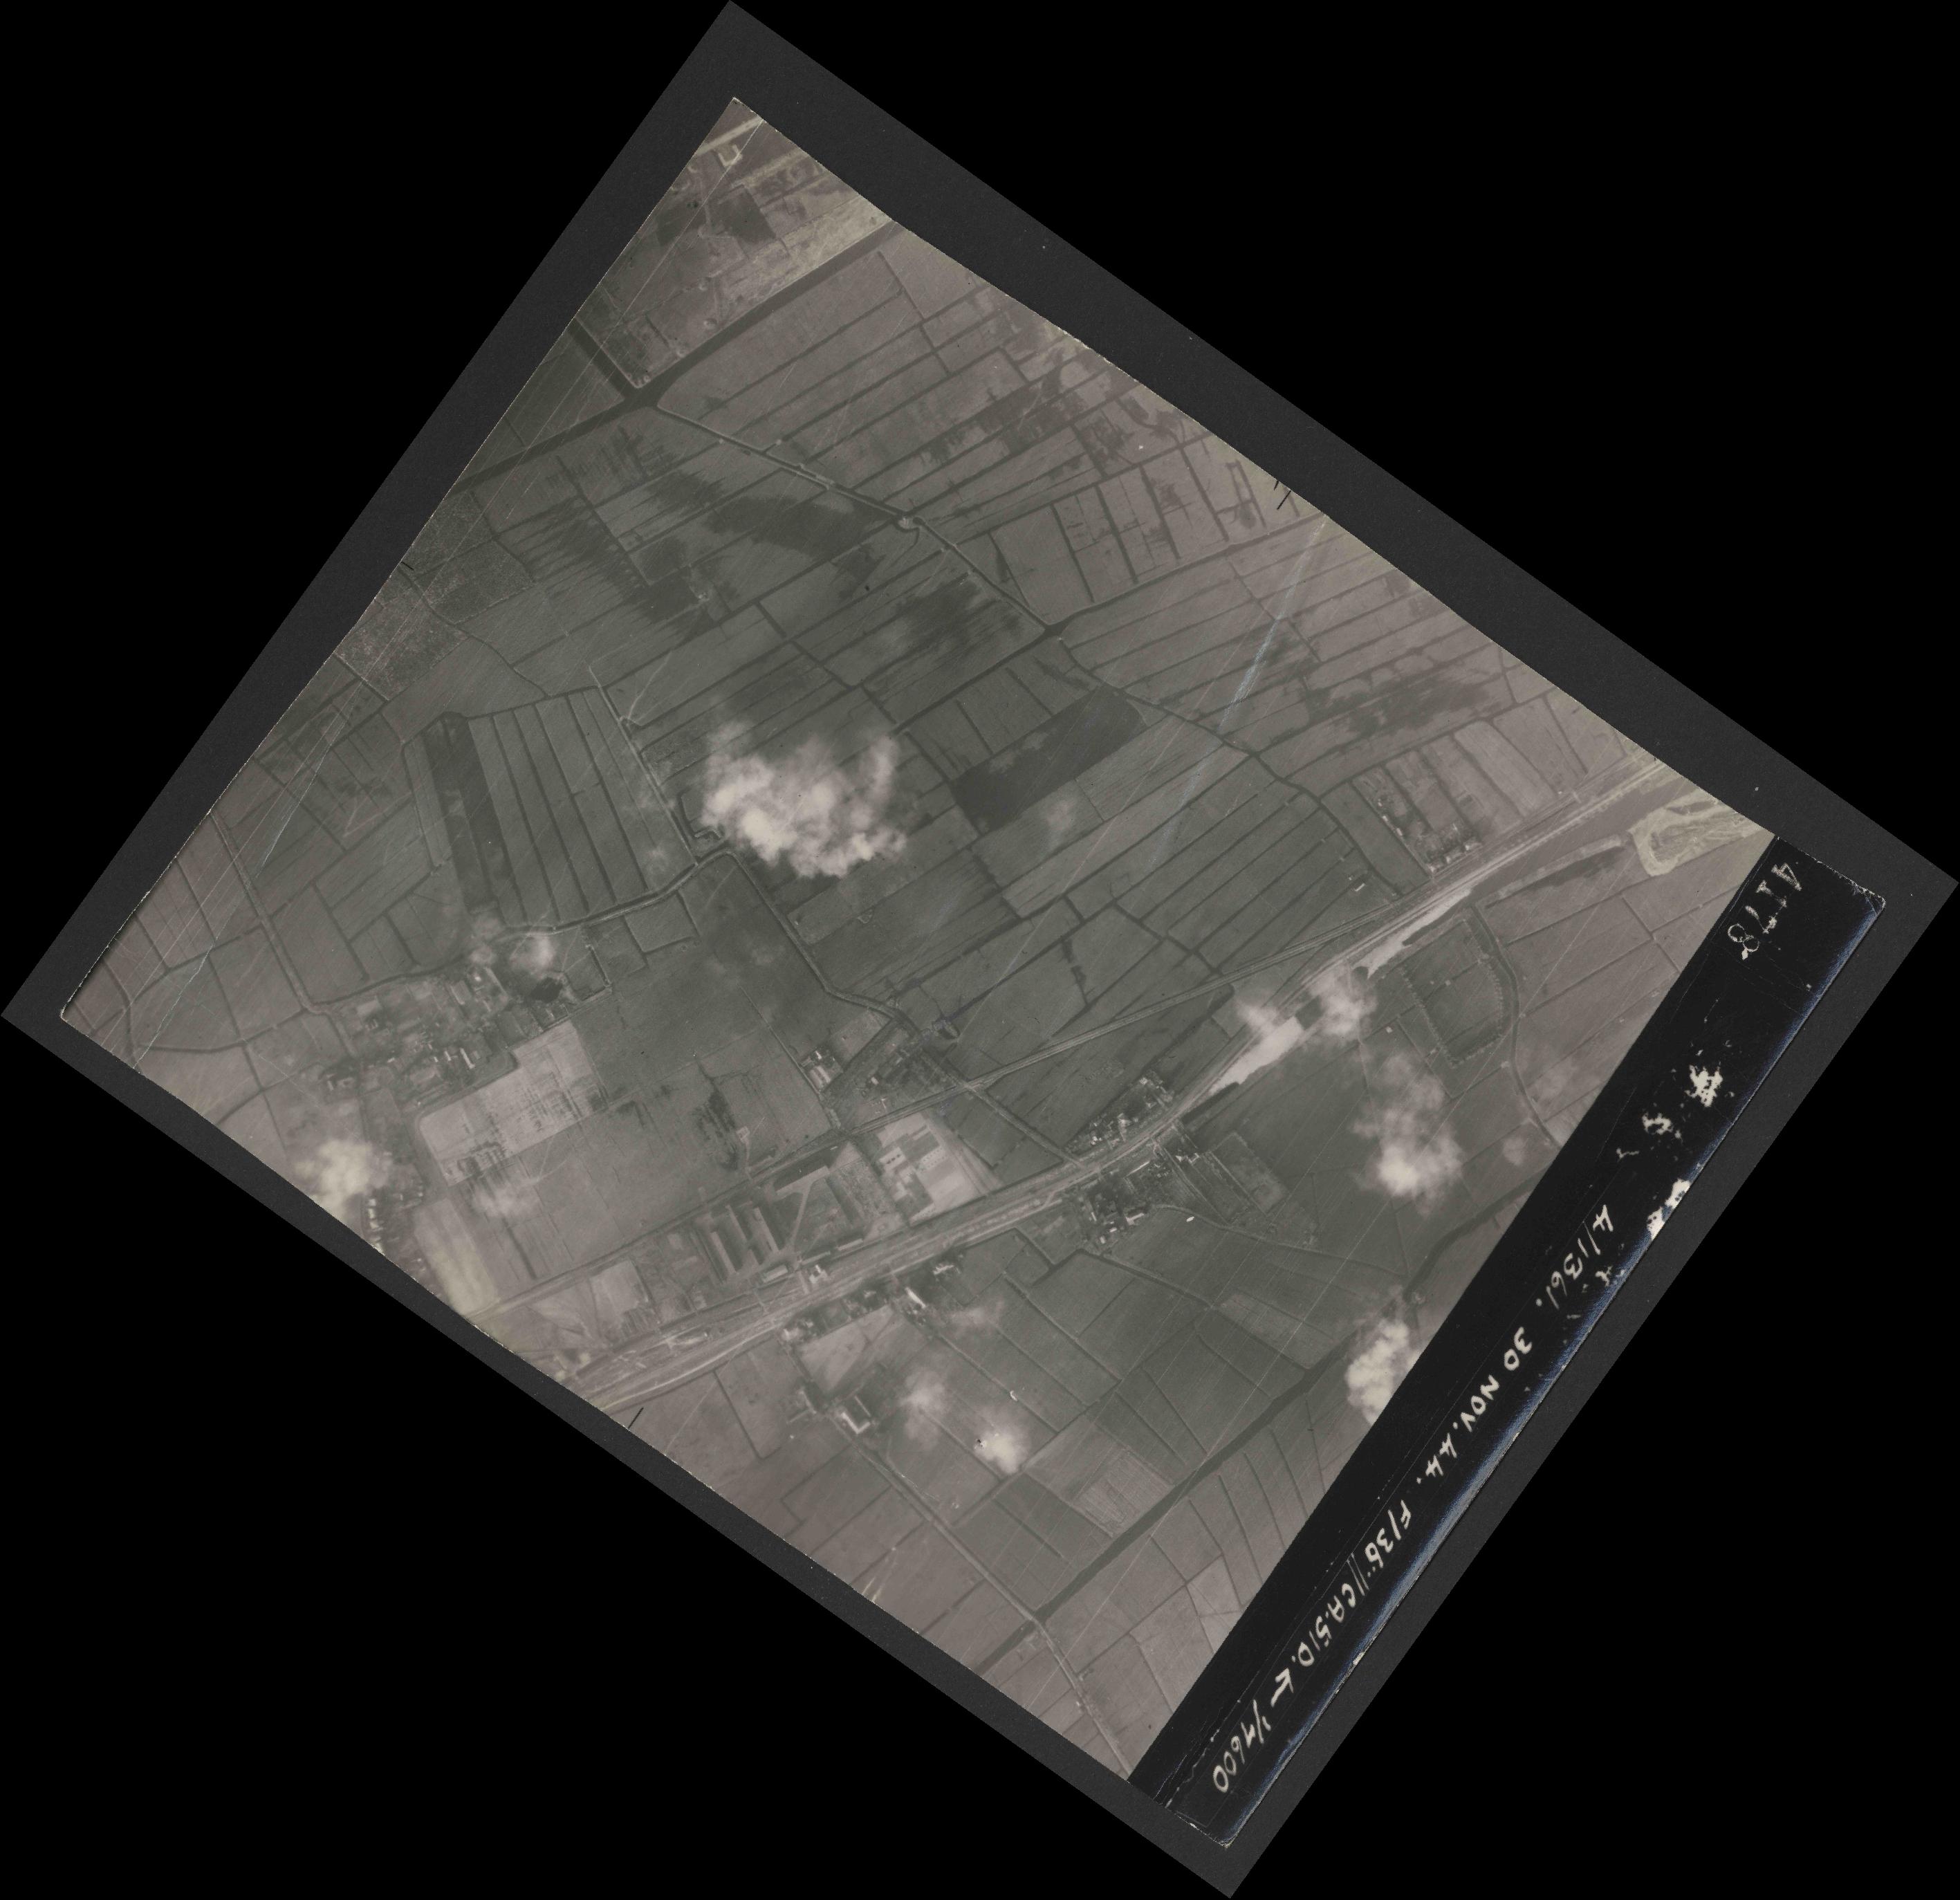 Collection RAF aerial photos 1940-1945 - flight 151, run 04, photo 4178